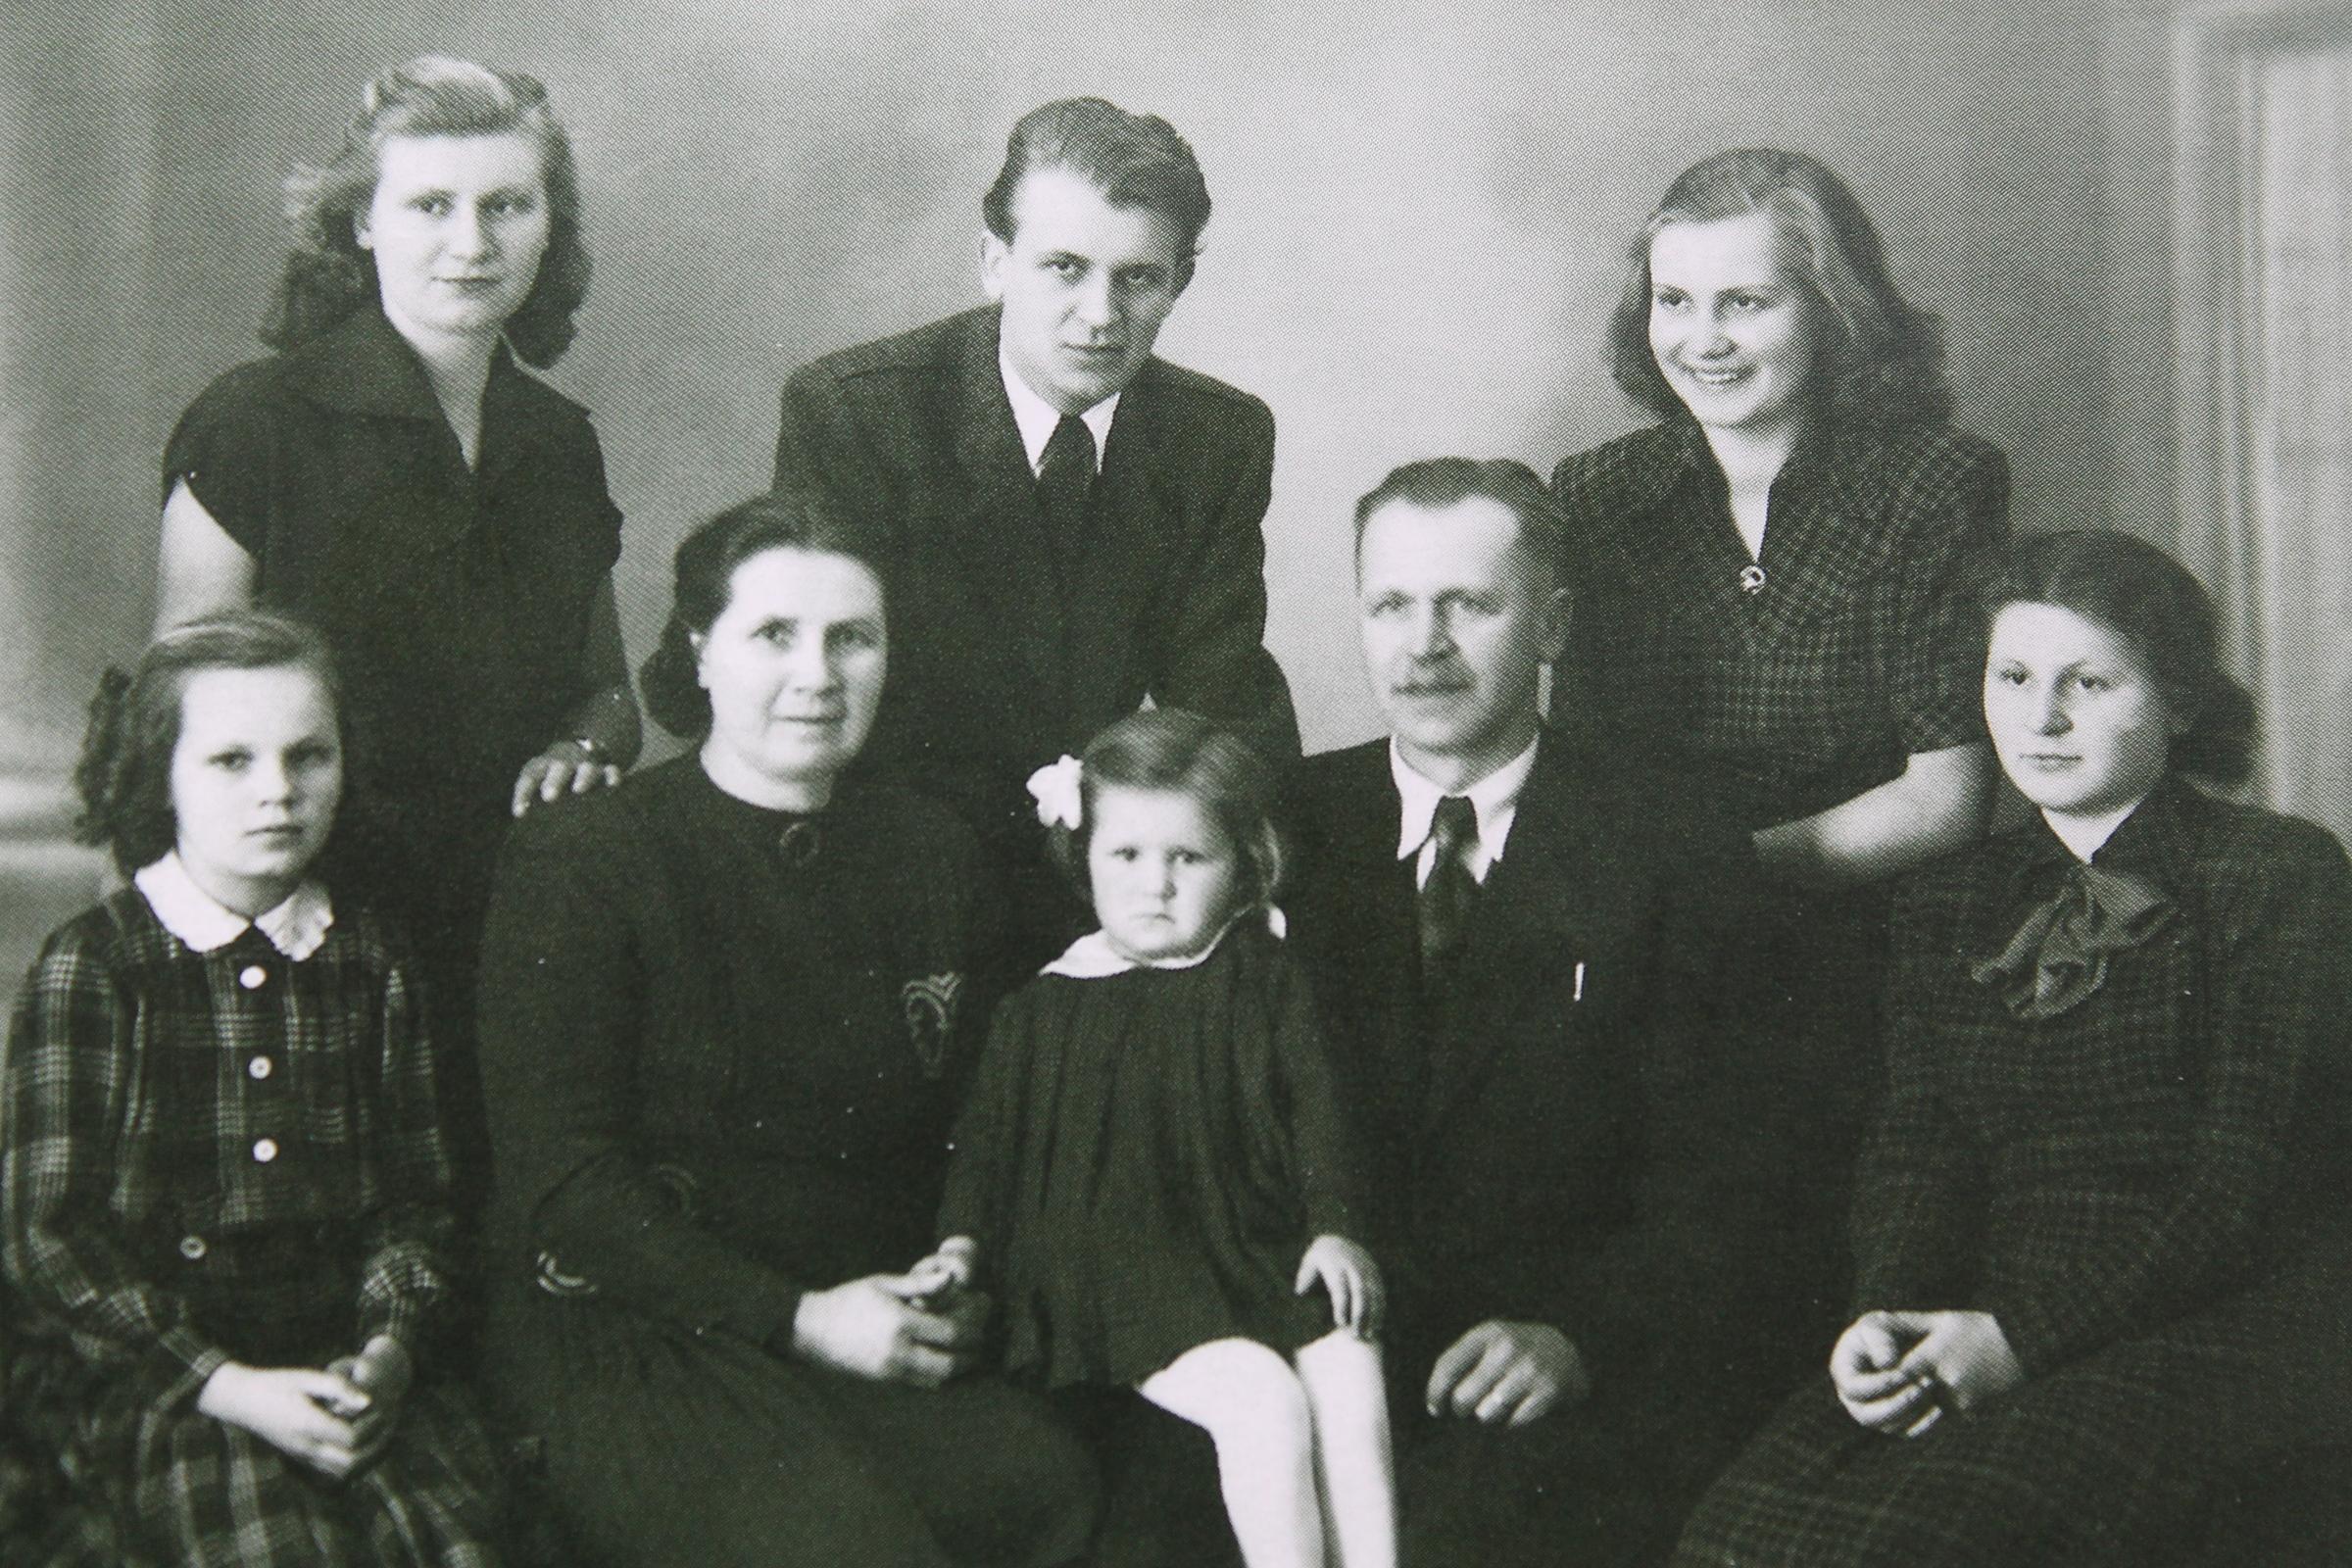 Rodinné foto Lukášových, zleva nahoře: Věra, Jan, Marie, rodiče, zleva dole: Lydie, Olinka, Eva